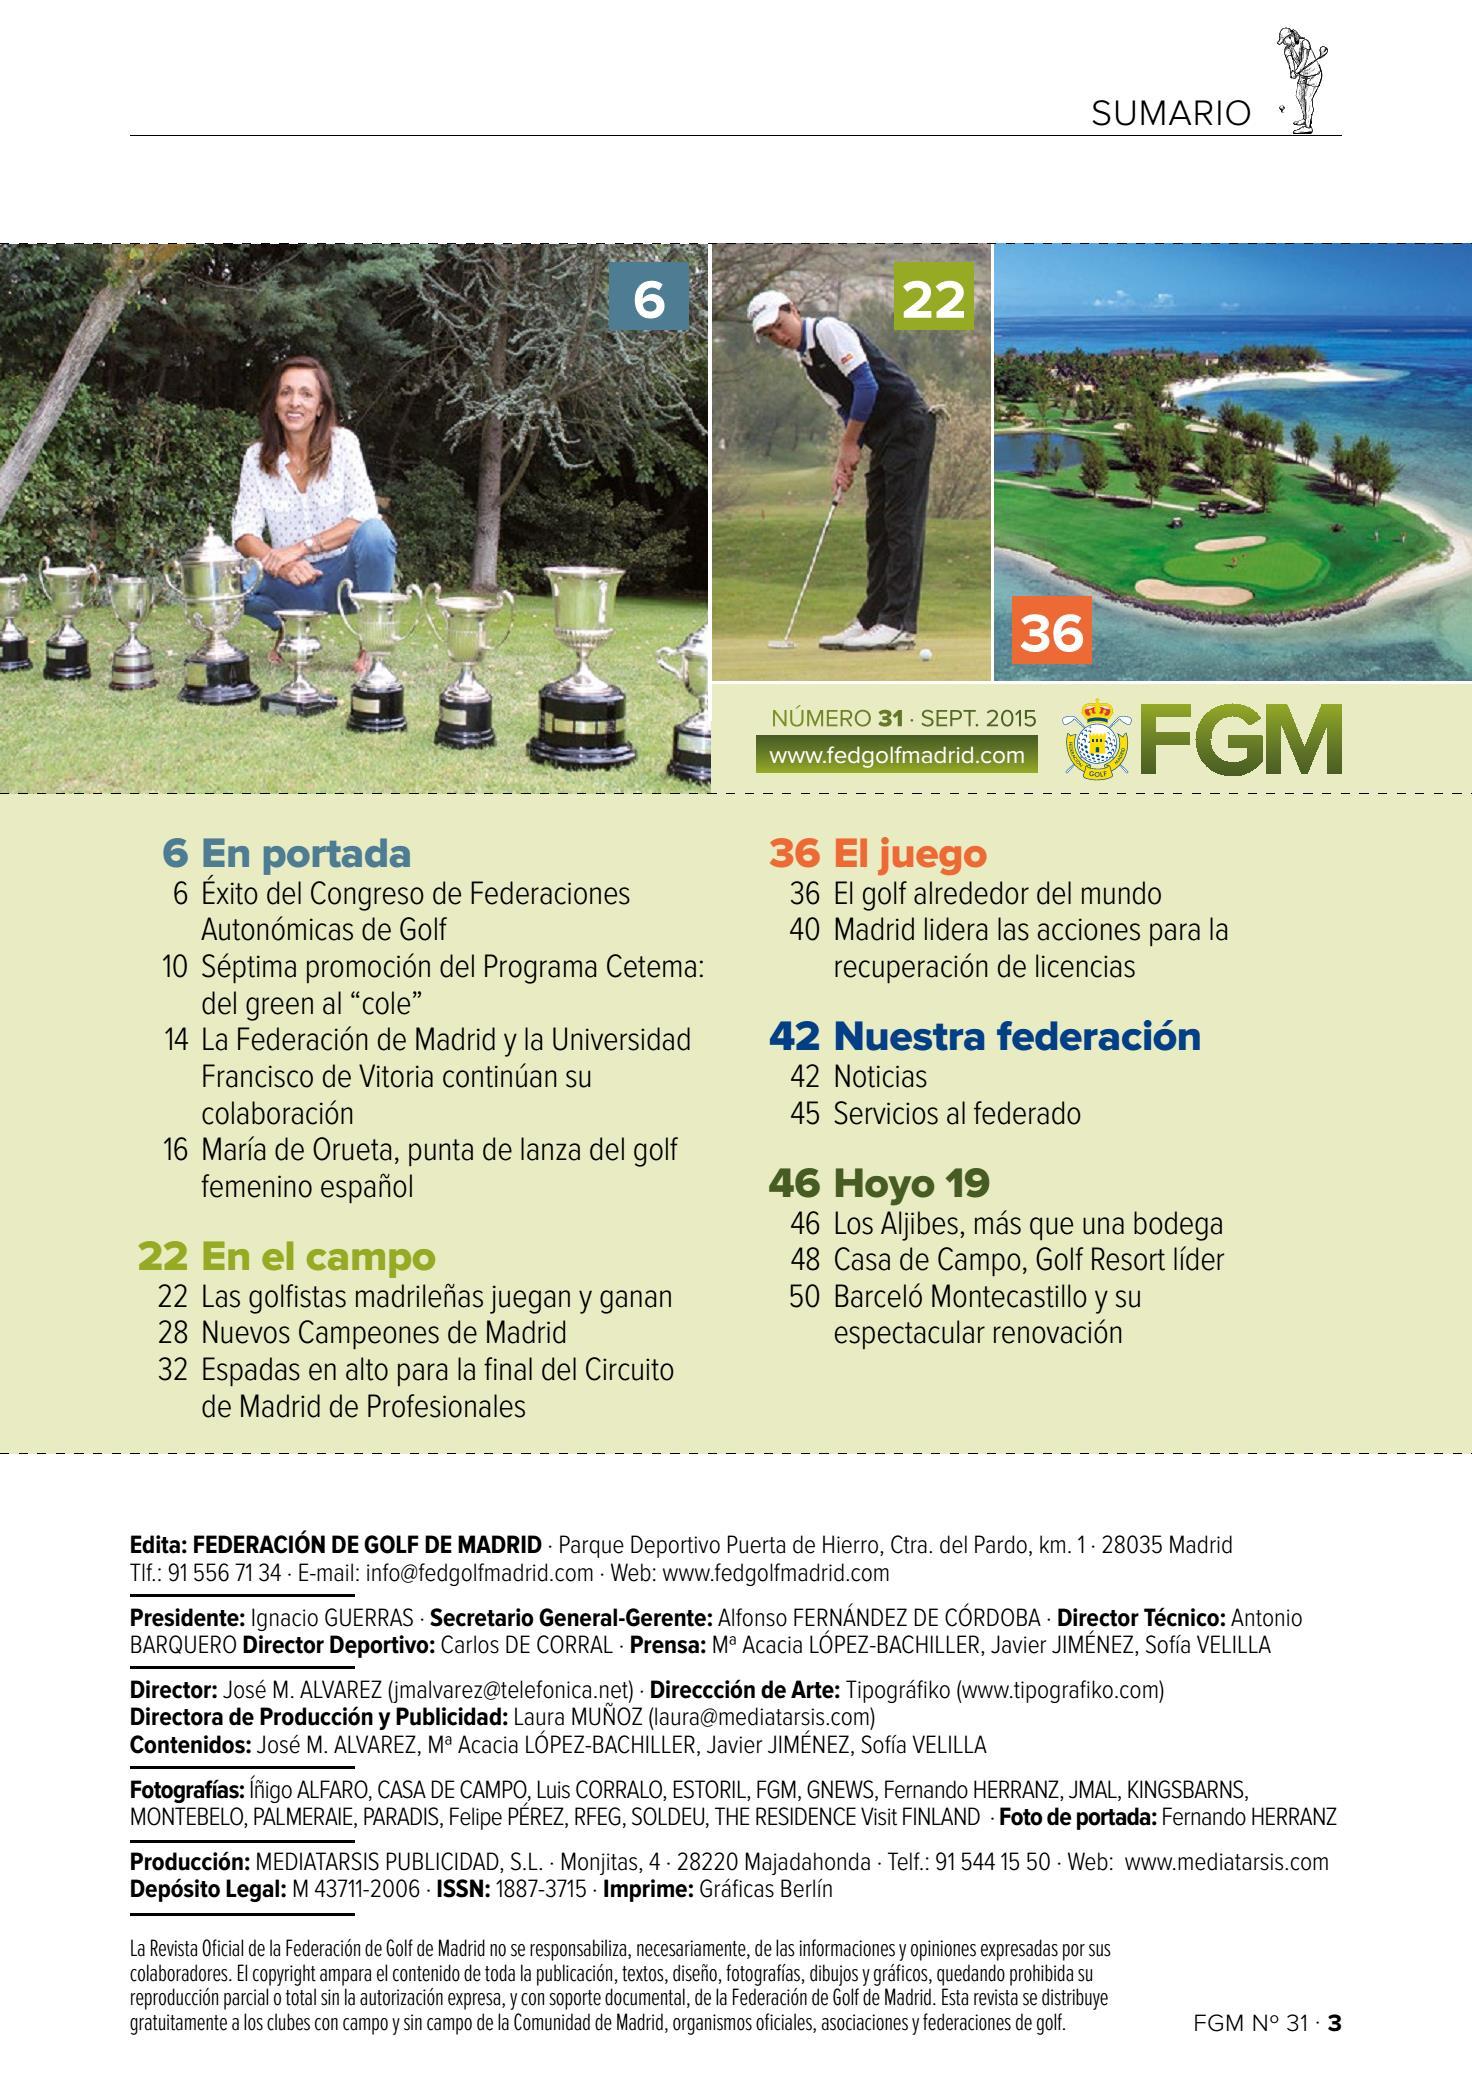 fgm31 para visor.pdf_3